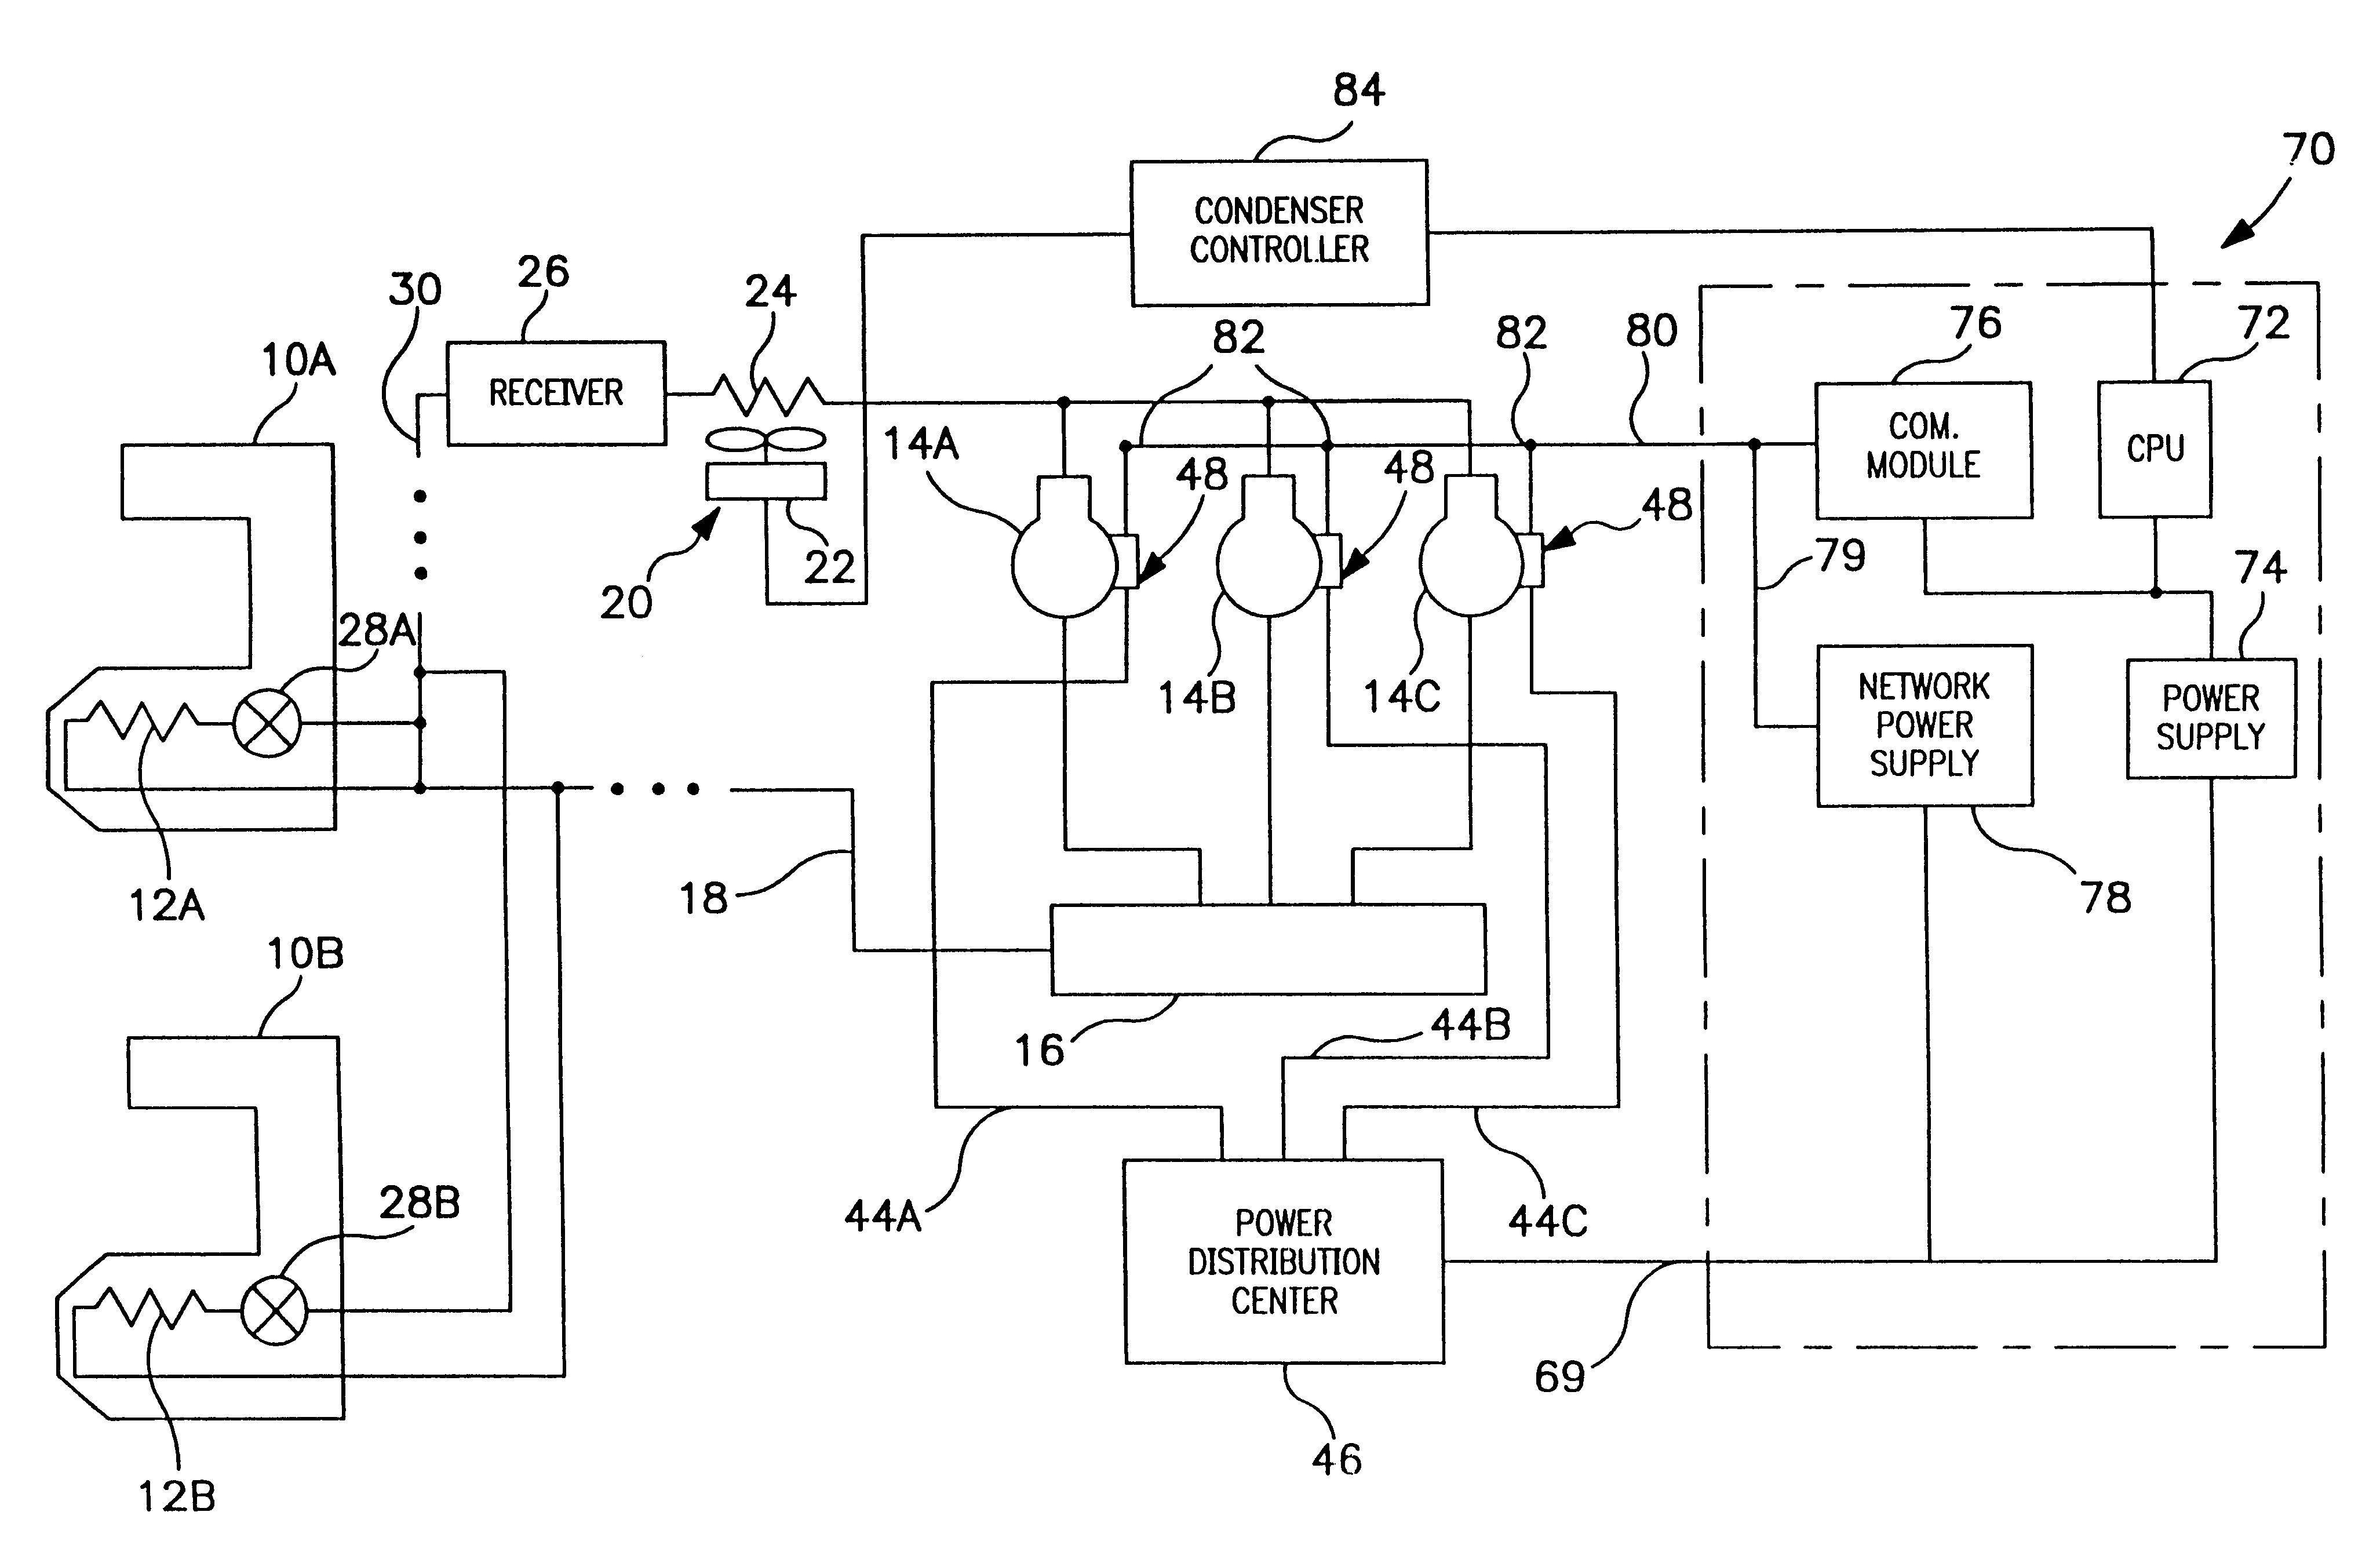 True Freezer Compressor Wiring | Wiring Diagram - Refrigerator Compressor Wiring Diagram